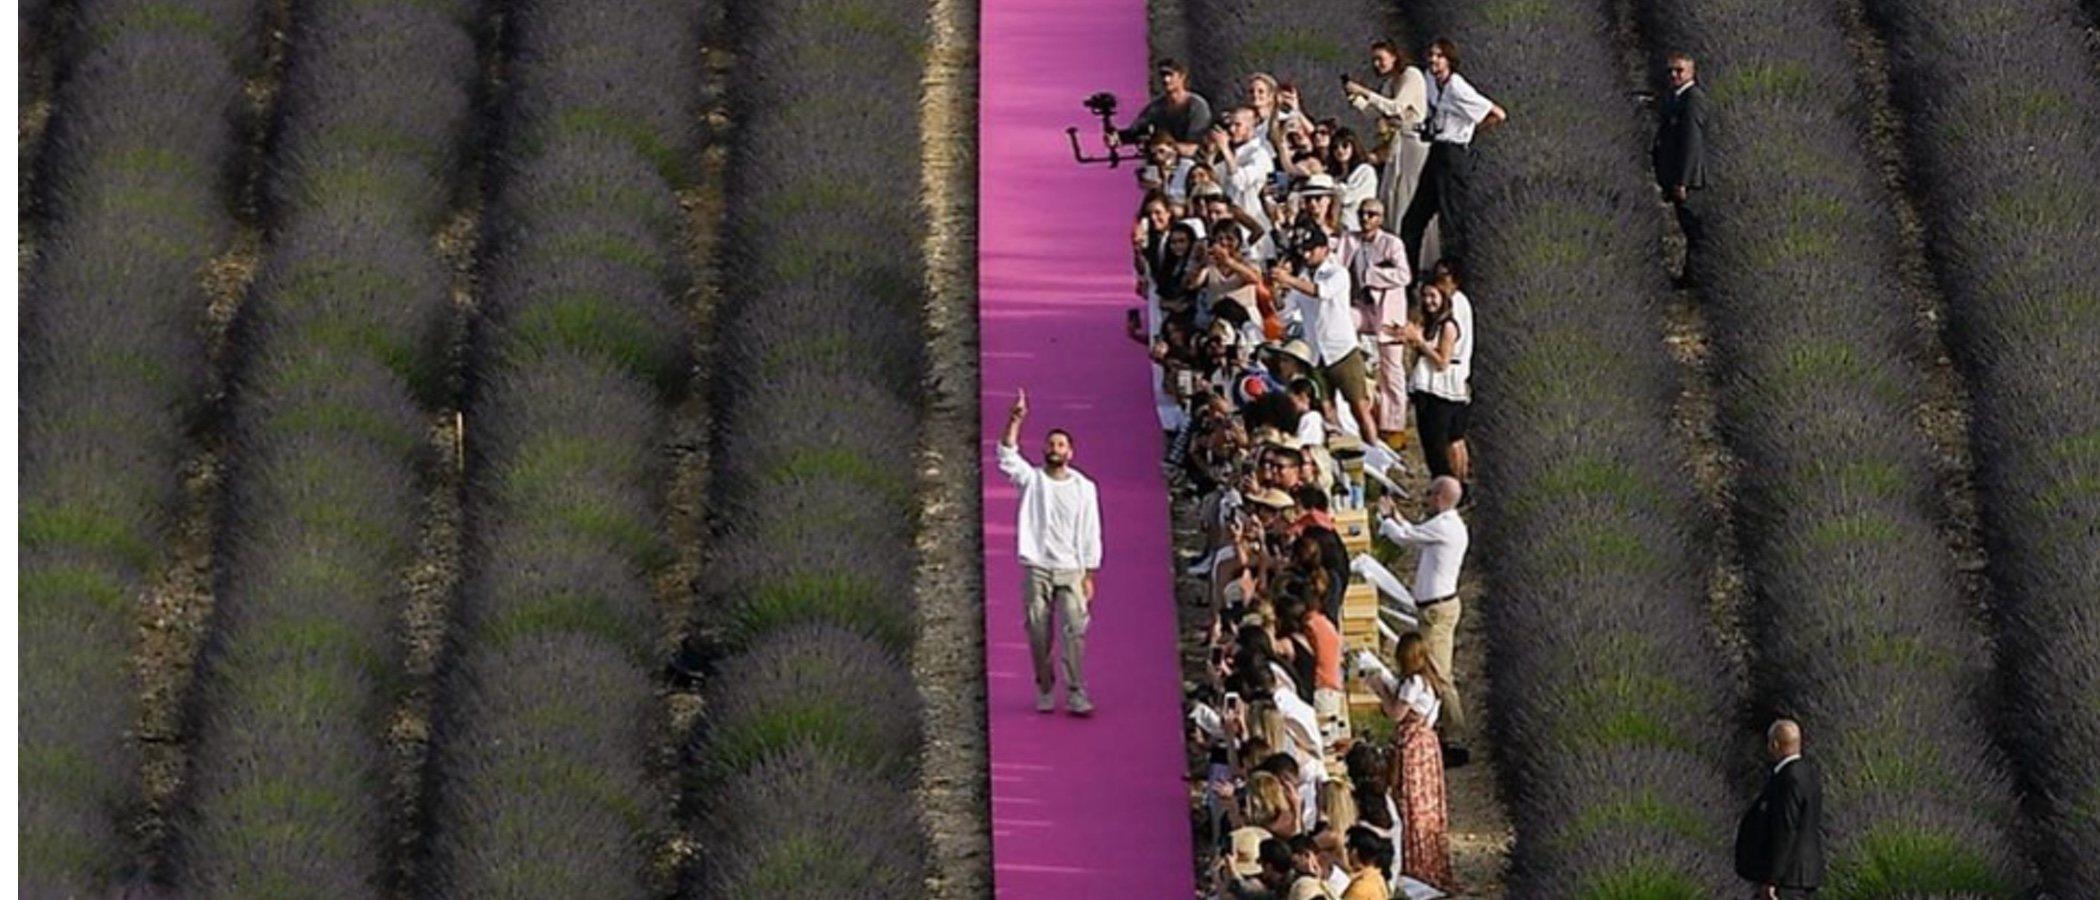 Jacquemus celebra el desfile de su 10 aniversario en su tierra natal y en un escenario puramente Jacquemus